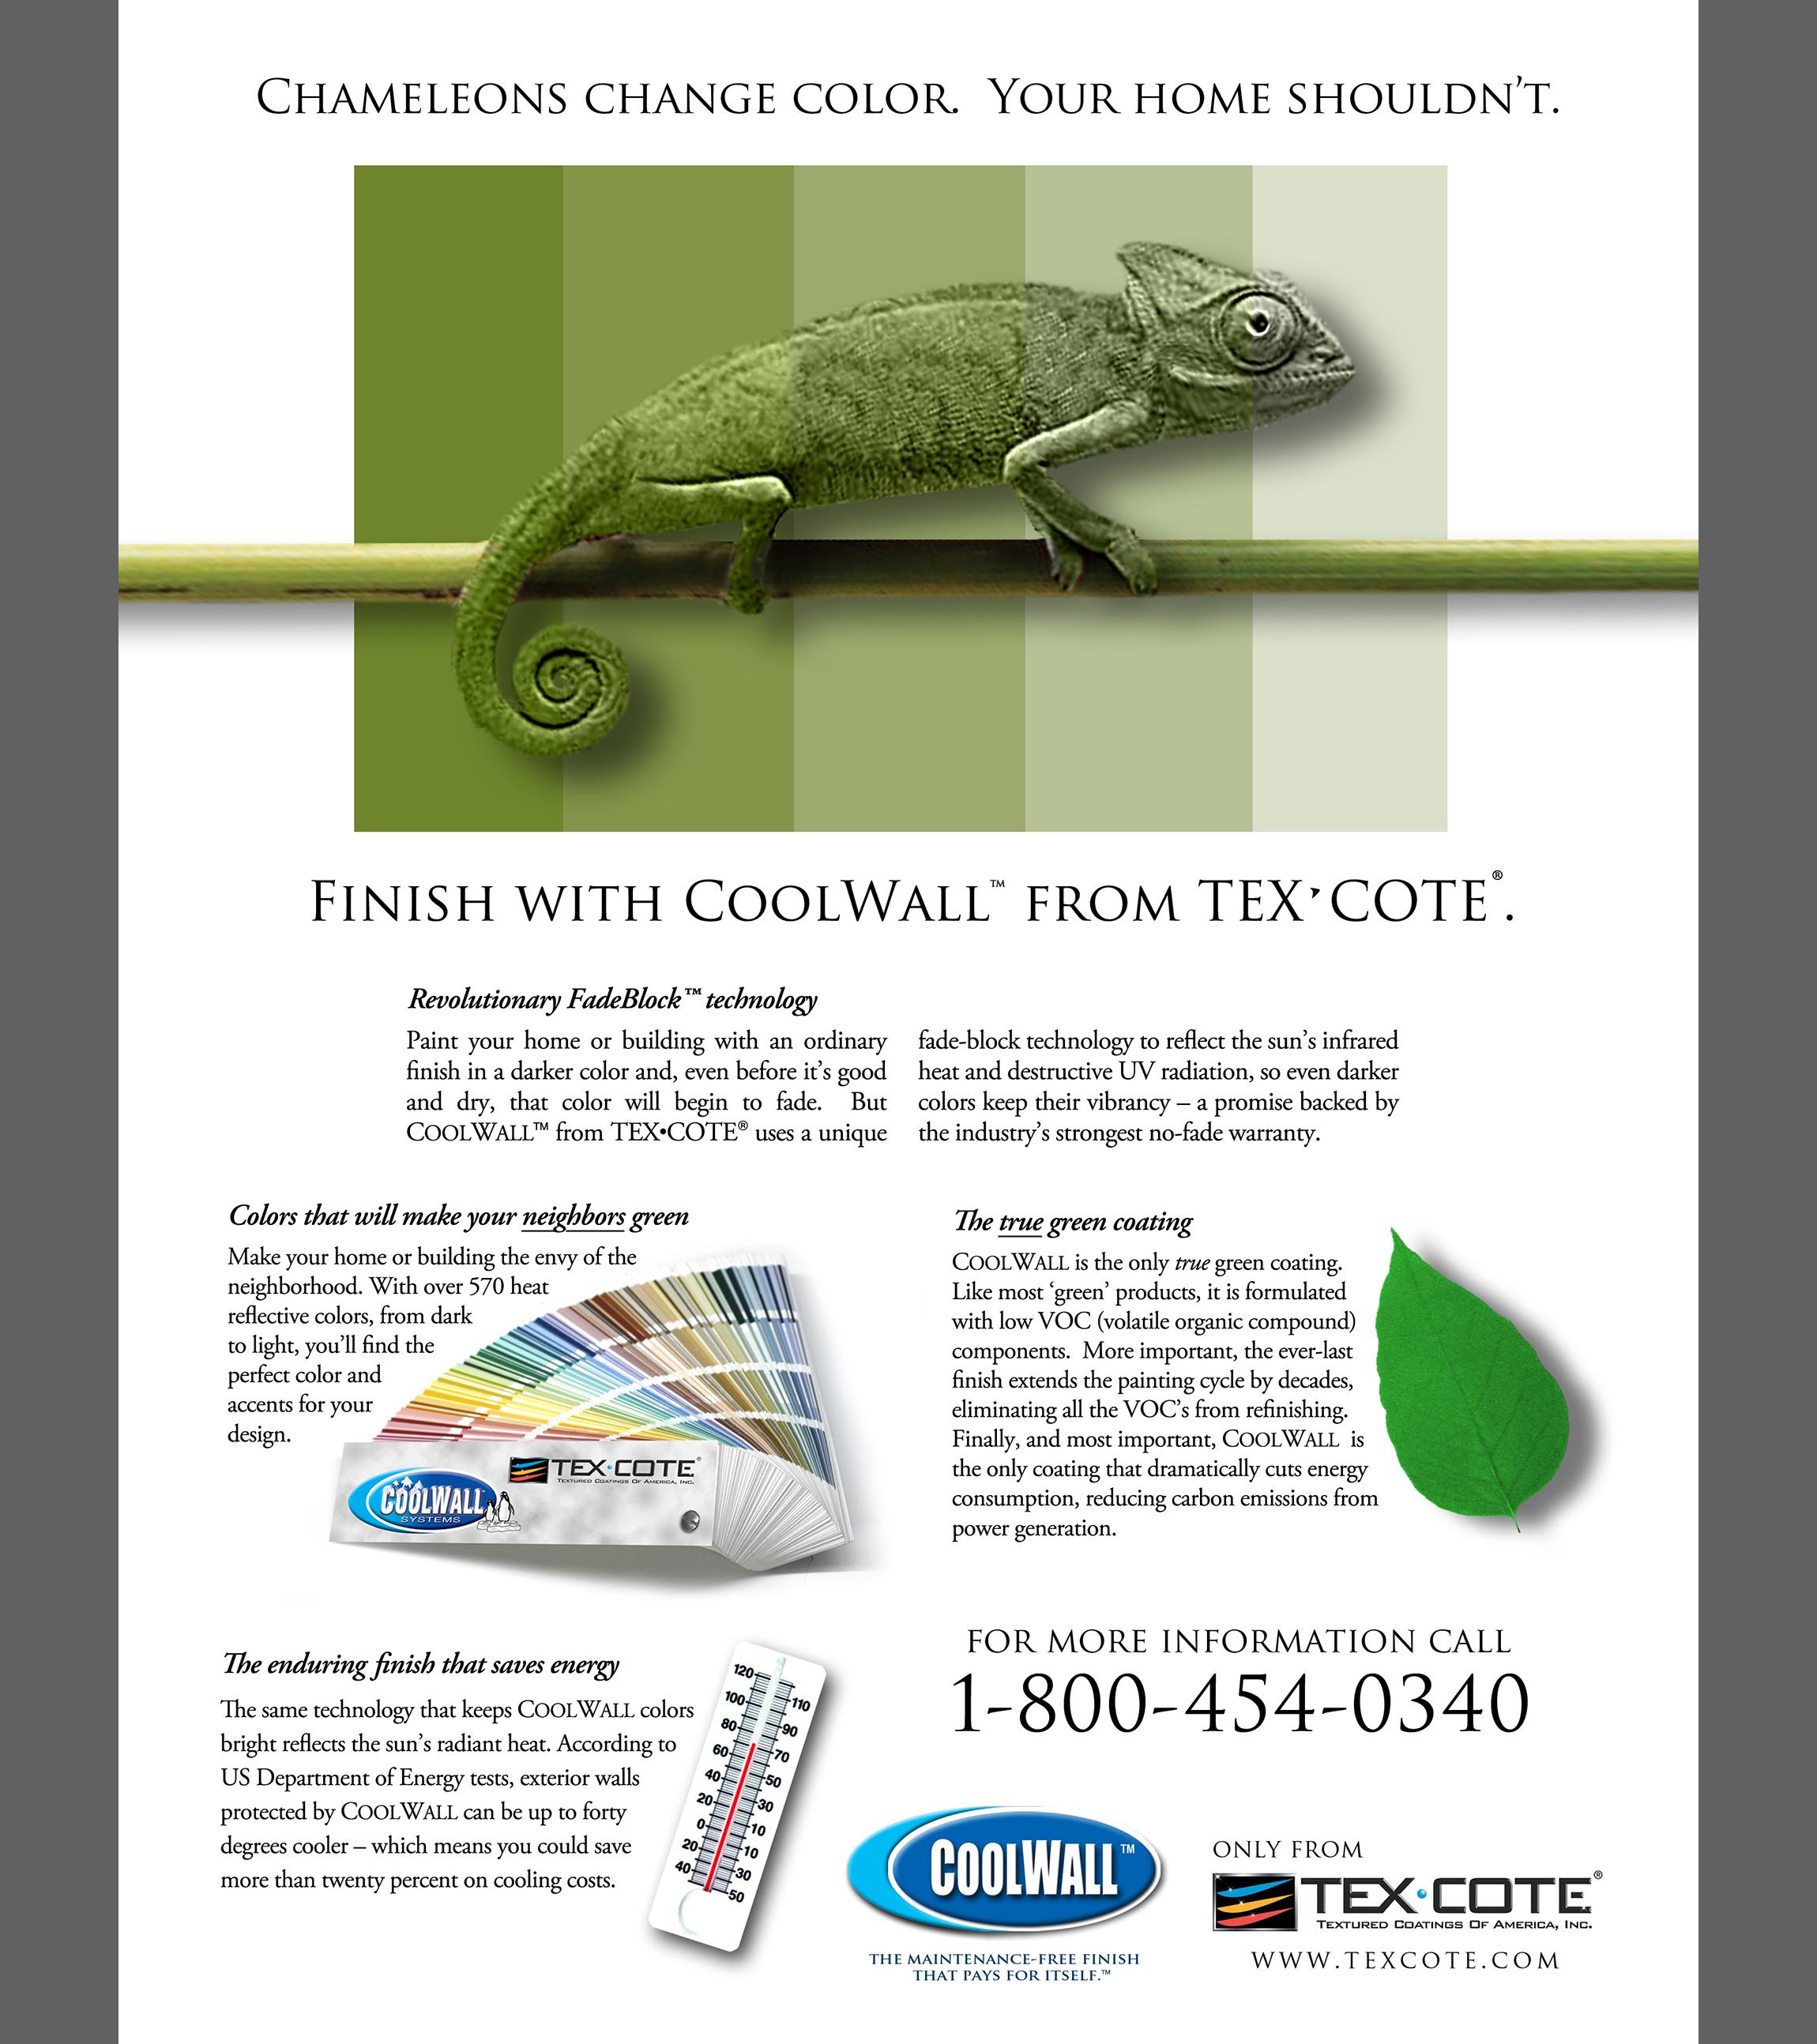 print-02-texcote chameleon.jpg